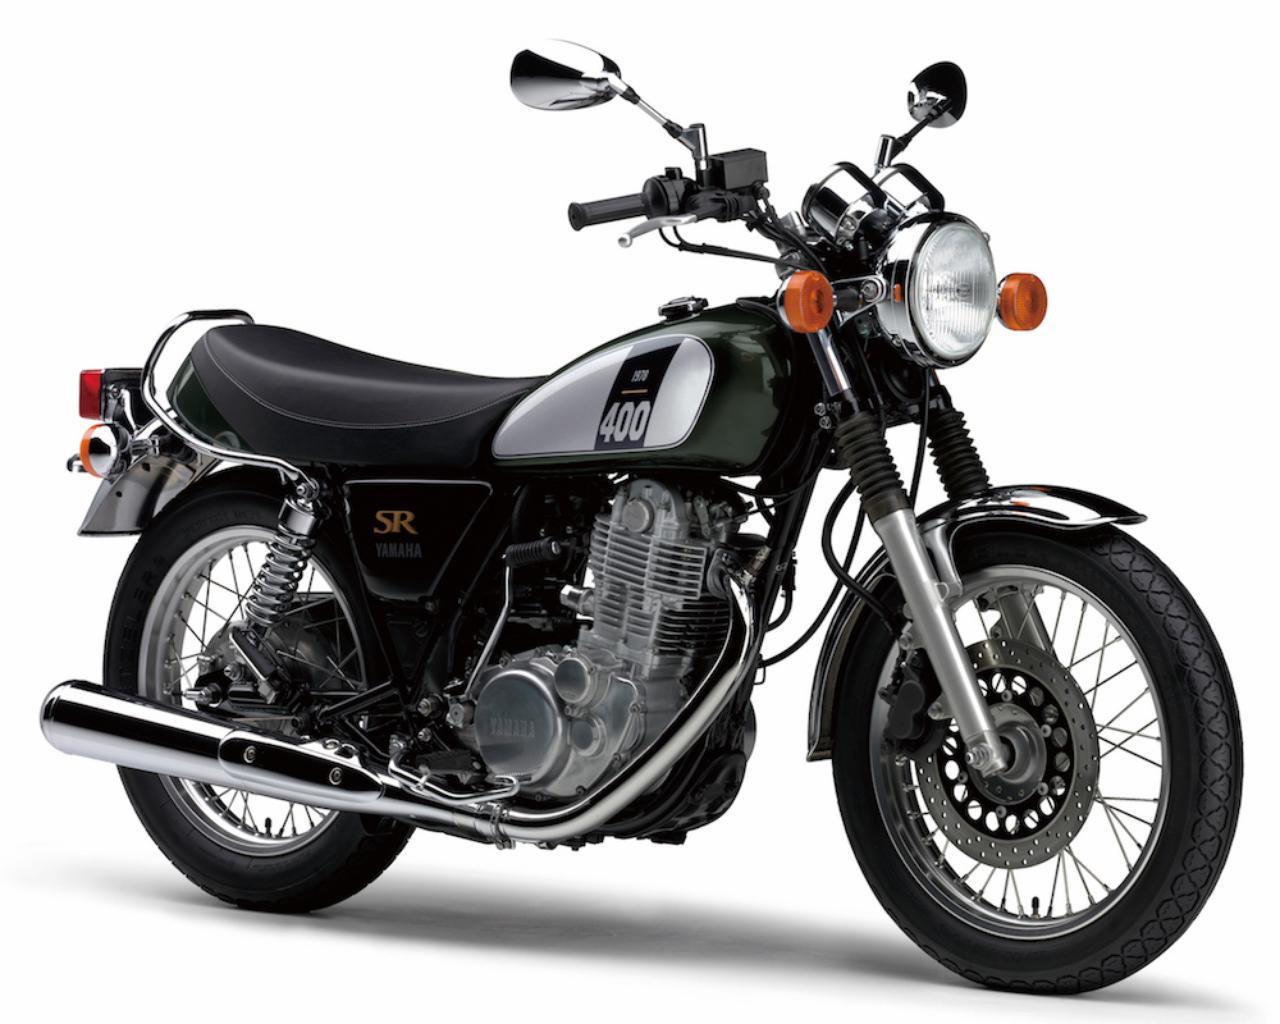 画像: Y021 YAMAHA SR400/60th Anniversary ■価格:55万800円/58万3200円(60th Anniversary) 1978年にデビューして以来、今年で38年目を迎えたSR400。ヤマハ創業60周年を記念し、70〜80年代のレースシーンで活躍したイエロー地にブラックのスピードブロックパターンを組み合わせた特別色の「60th Anniversary」モデルは期間限定受注モデルだ。